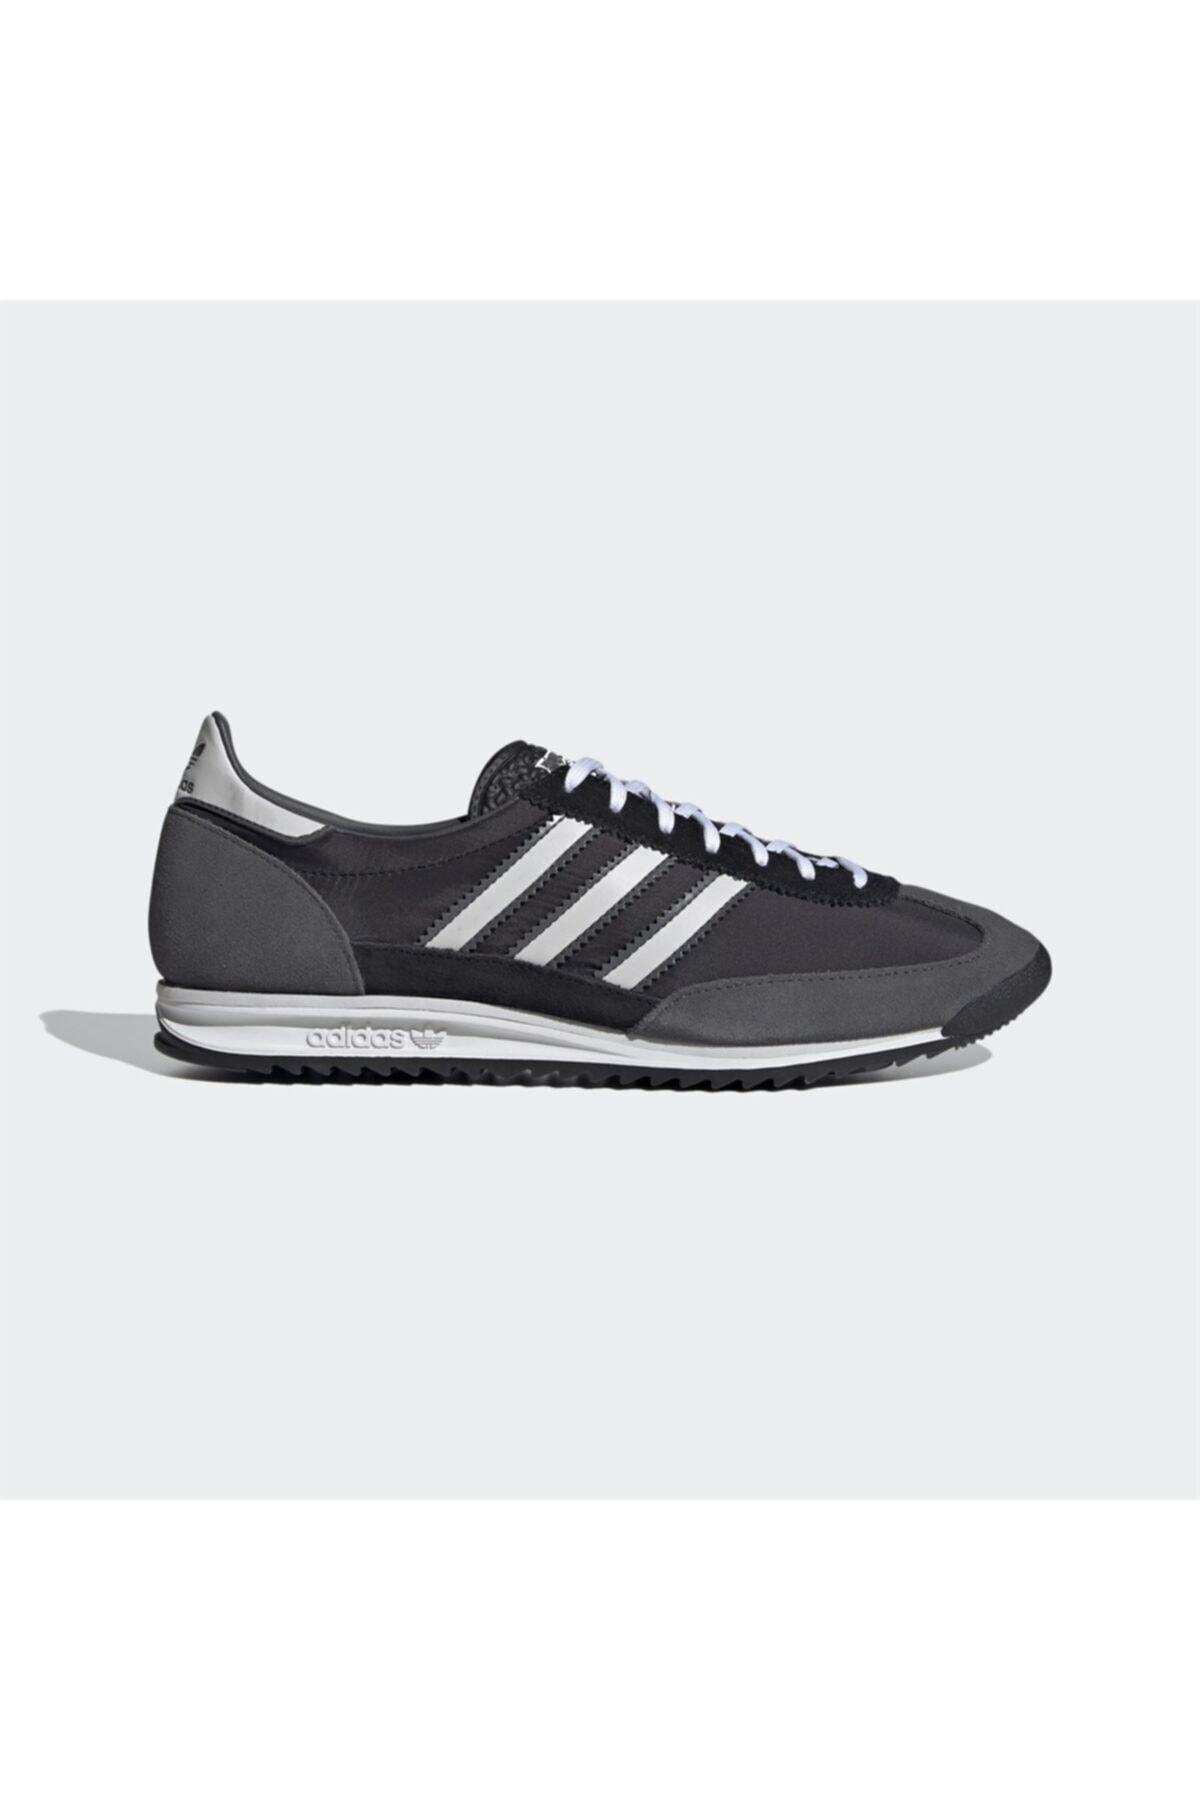 adidas Sl 72 Cblack/greone/gresıx 1